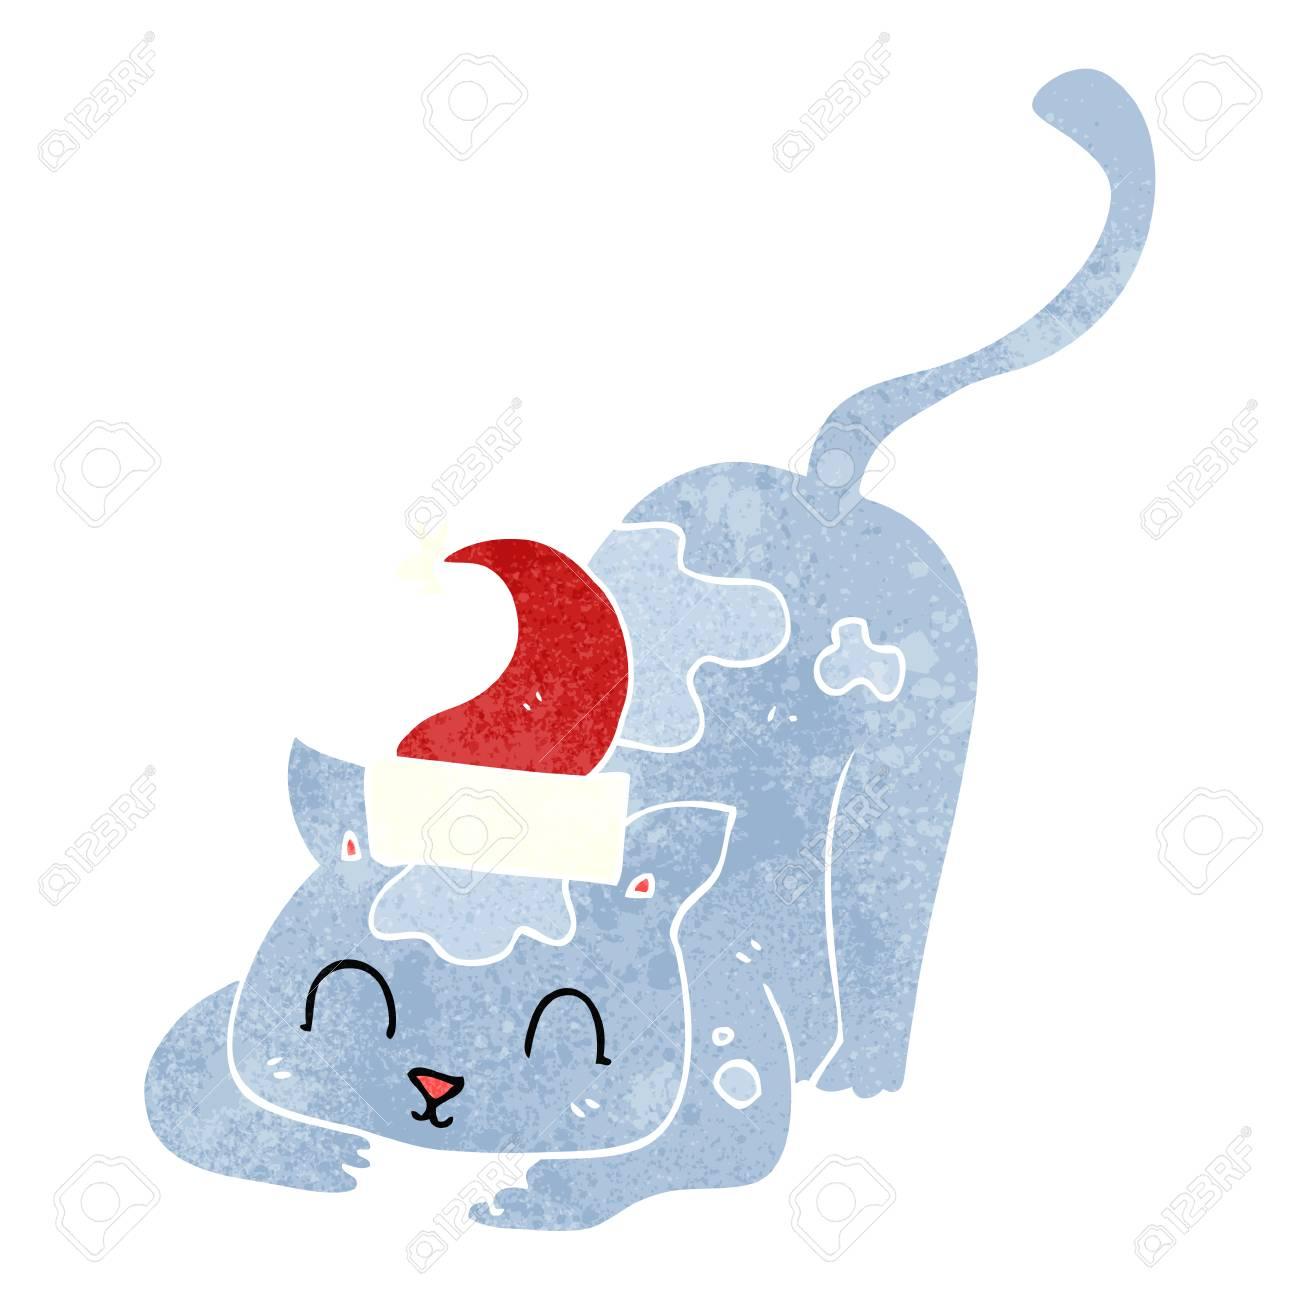 Increíble Gato En El Pez Sombrero Para Colorear Modelo - Dibujos ...